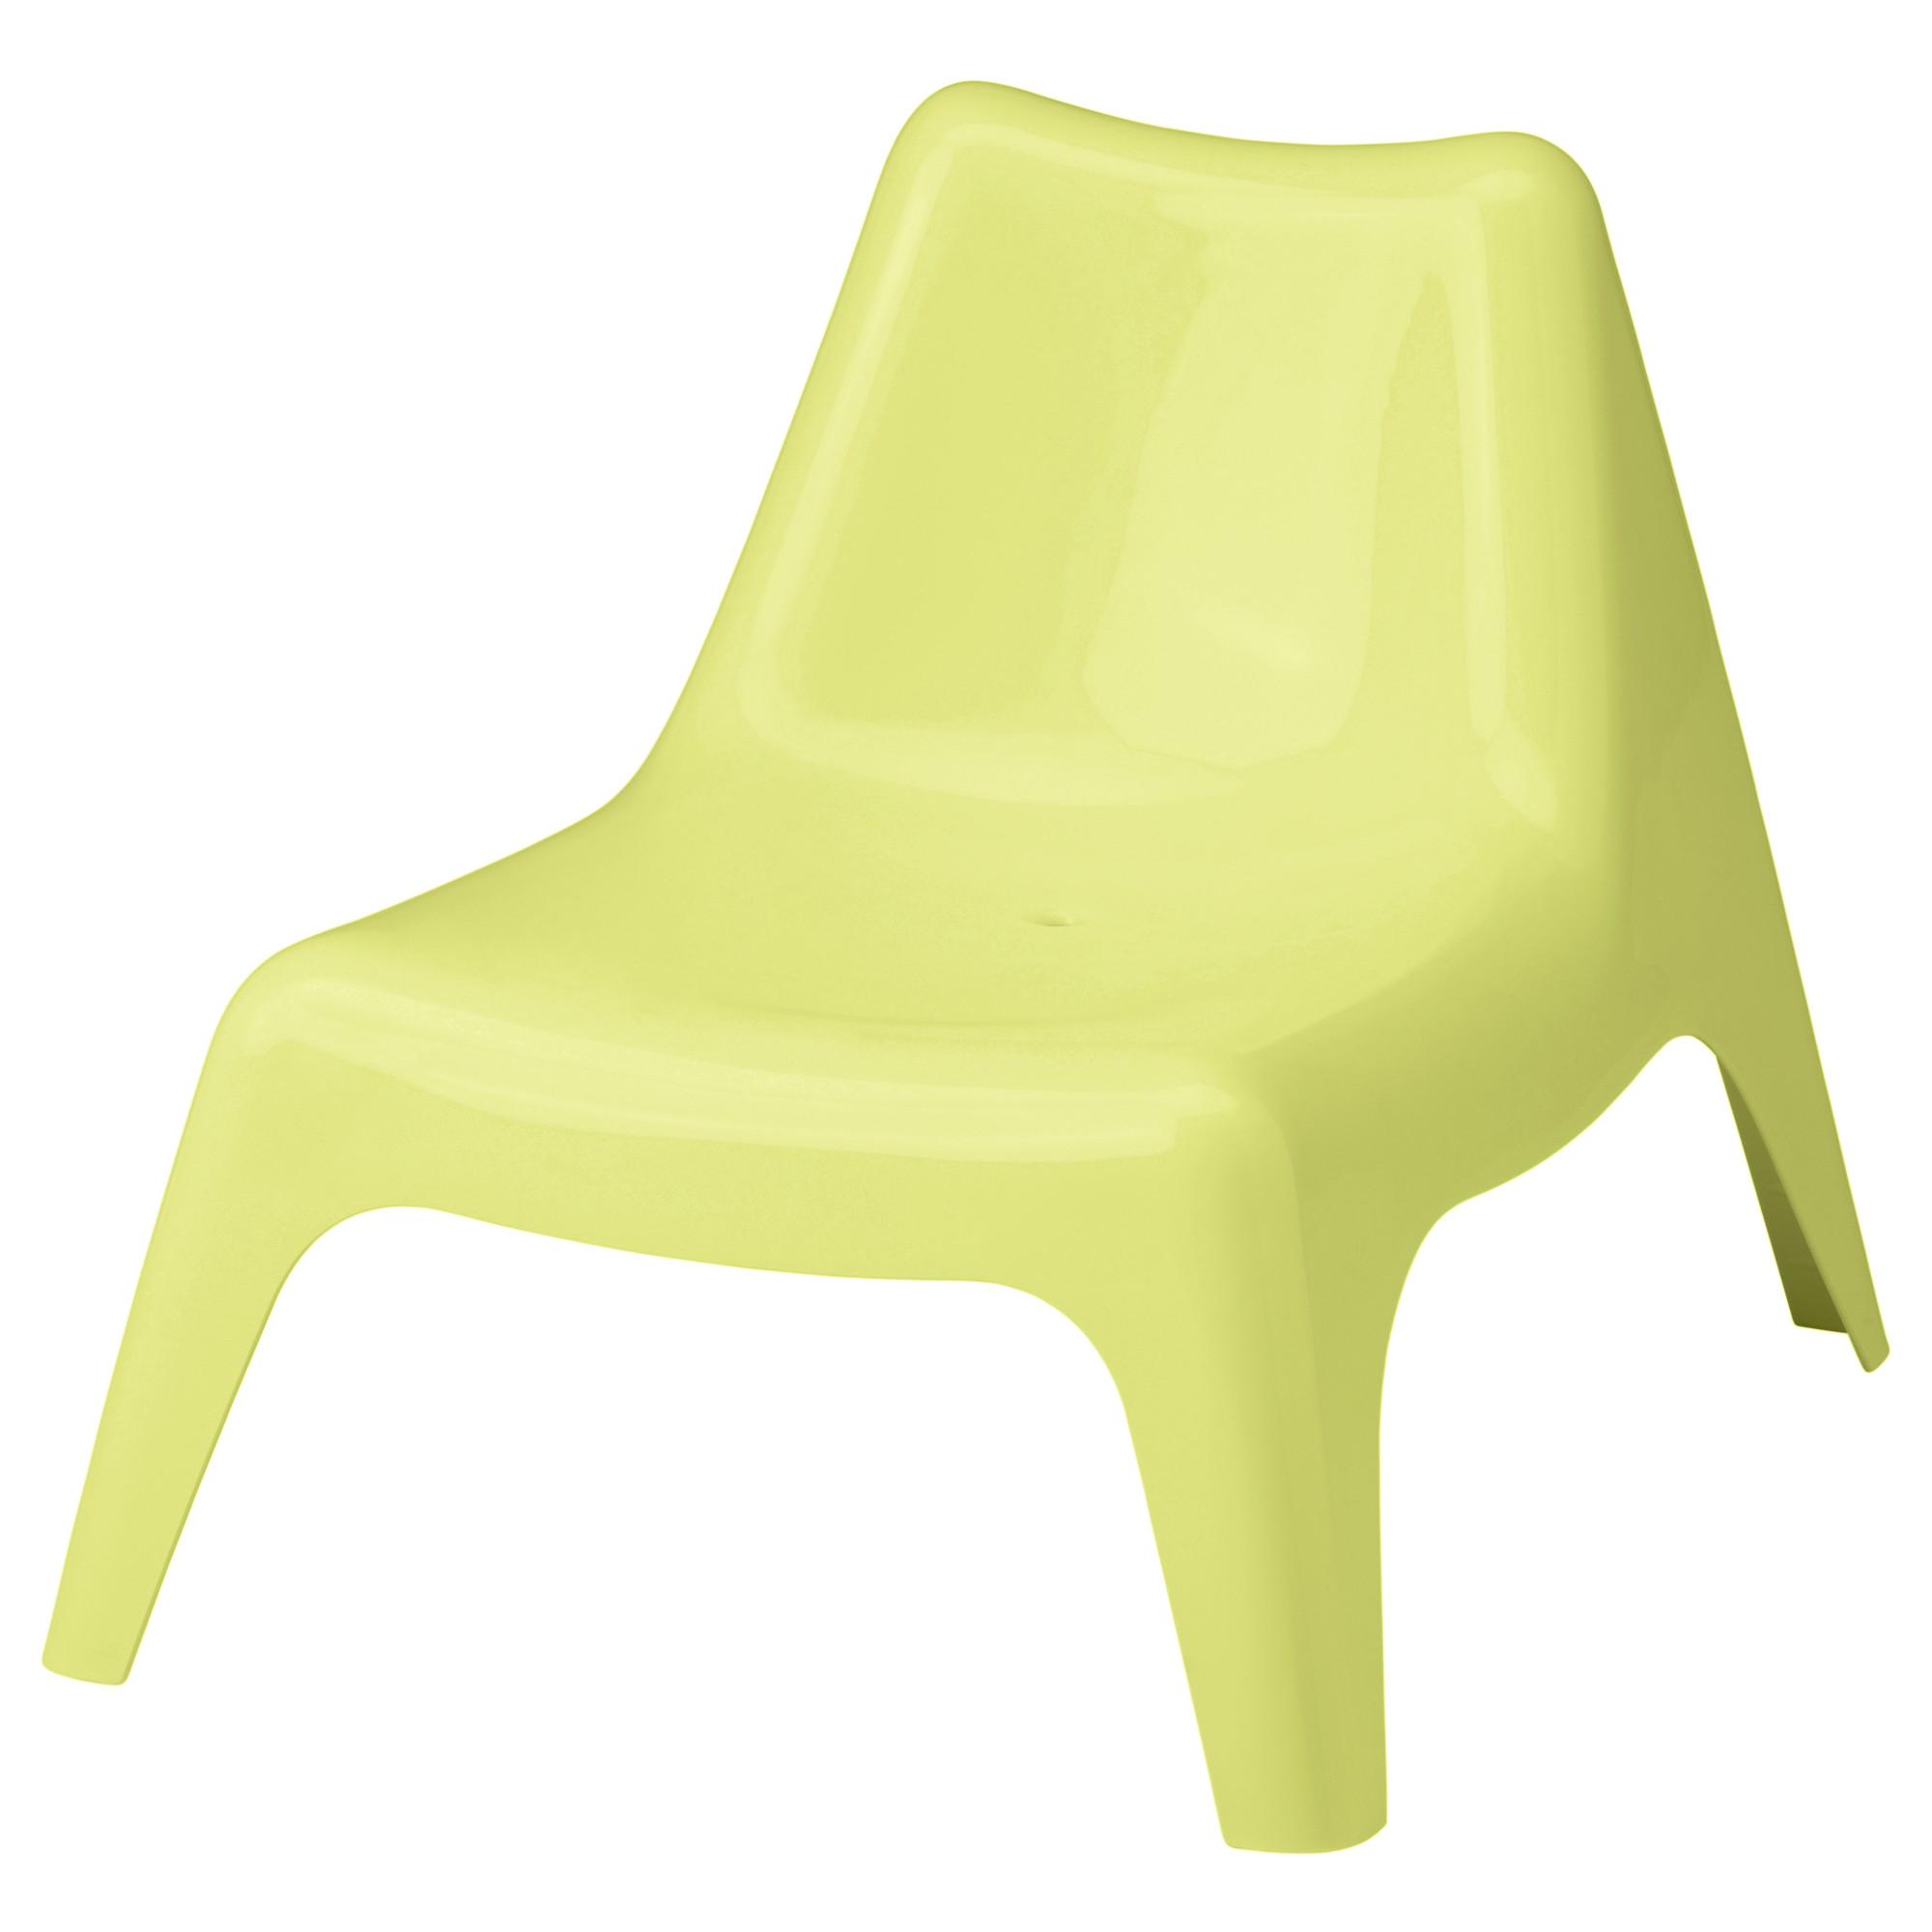 Детское садовое кресло БУНСЁ желтый артикуль № 303.380.38 в наличии. Интернет магазин IKEA Минск. Быстрая доставка и соборка.